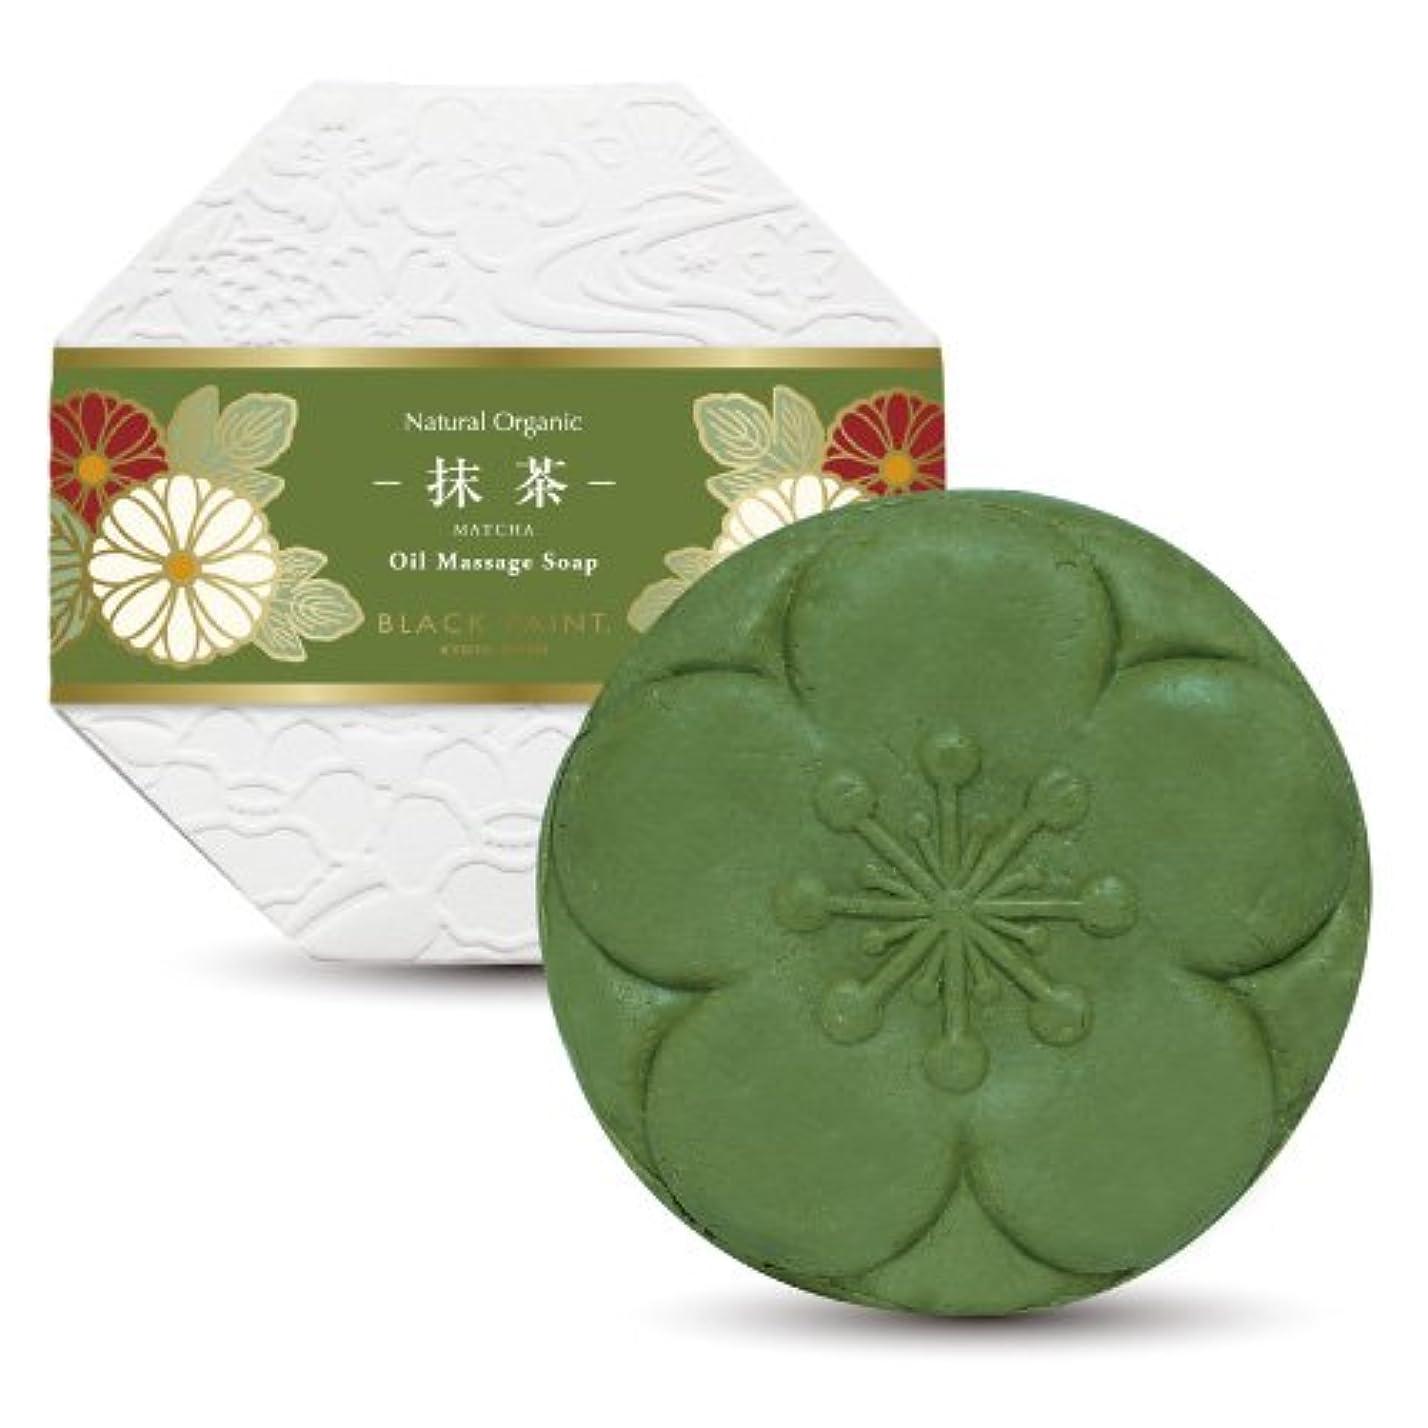 人気積極的に礼儀京のお茶石鹸 抹茶 120g 塗る石鹸